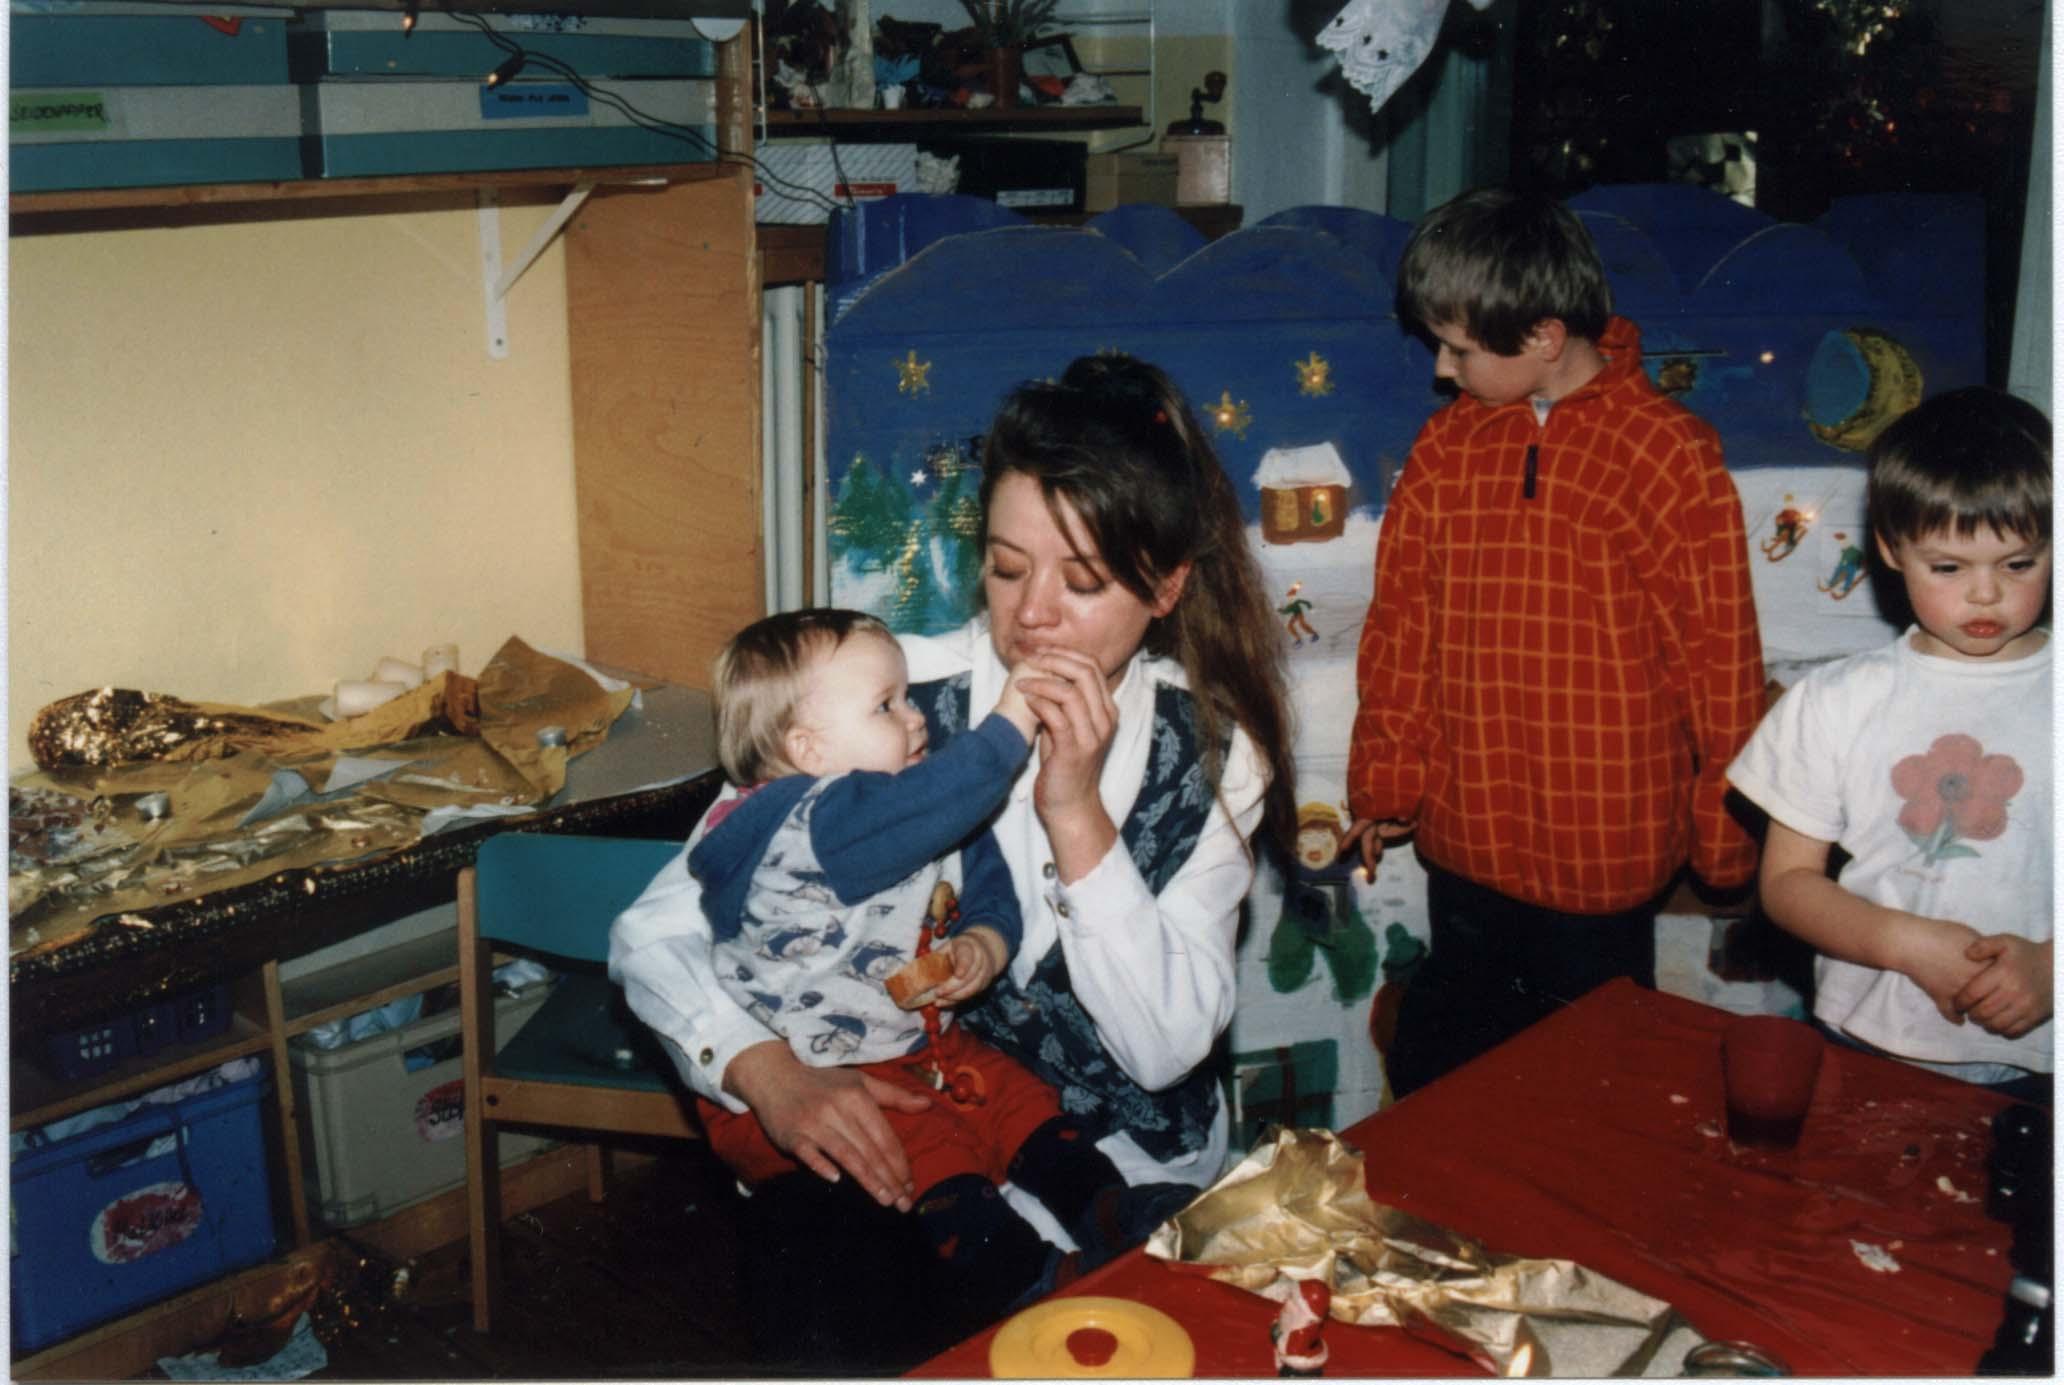 Kinderbetreuung Berlin : Tagesmutter Babysitter Erzieherin